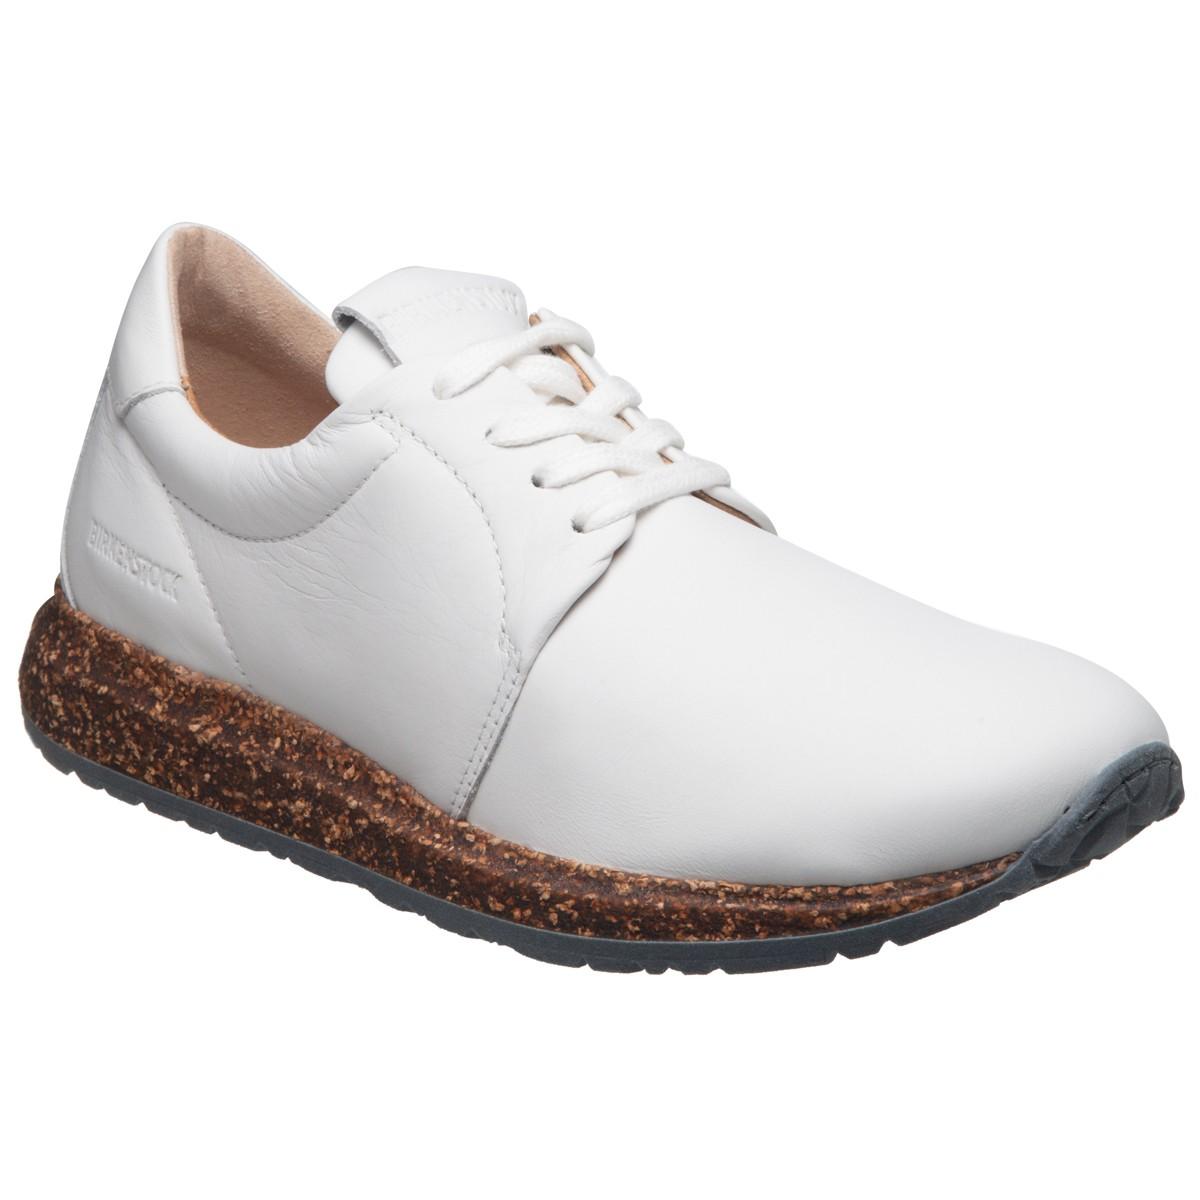 c61544b8629820 Ортопедическая обувь для взрослых ᐈ Купить в Киеве, Харькове в Украине